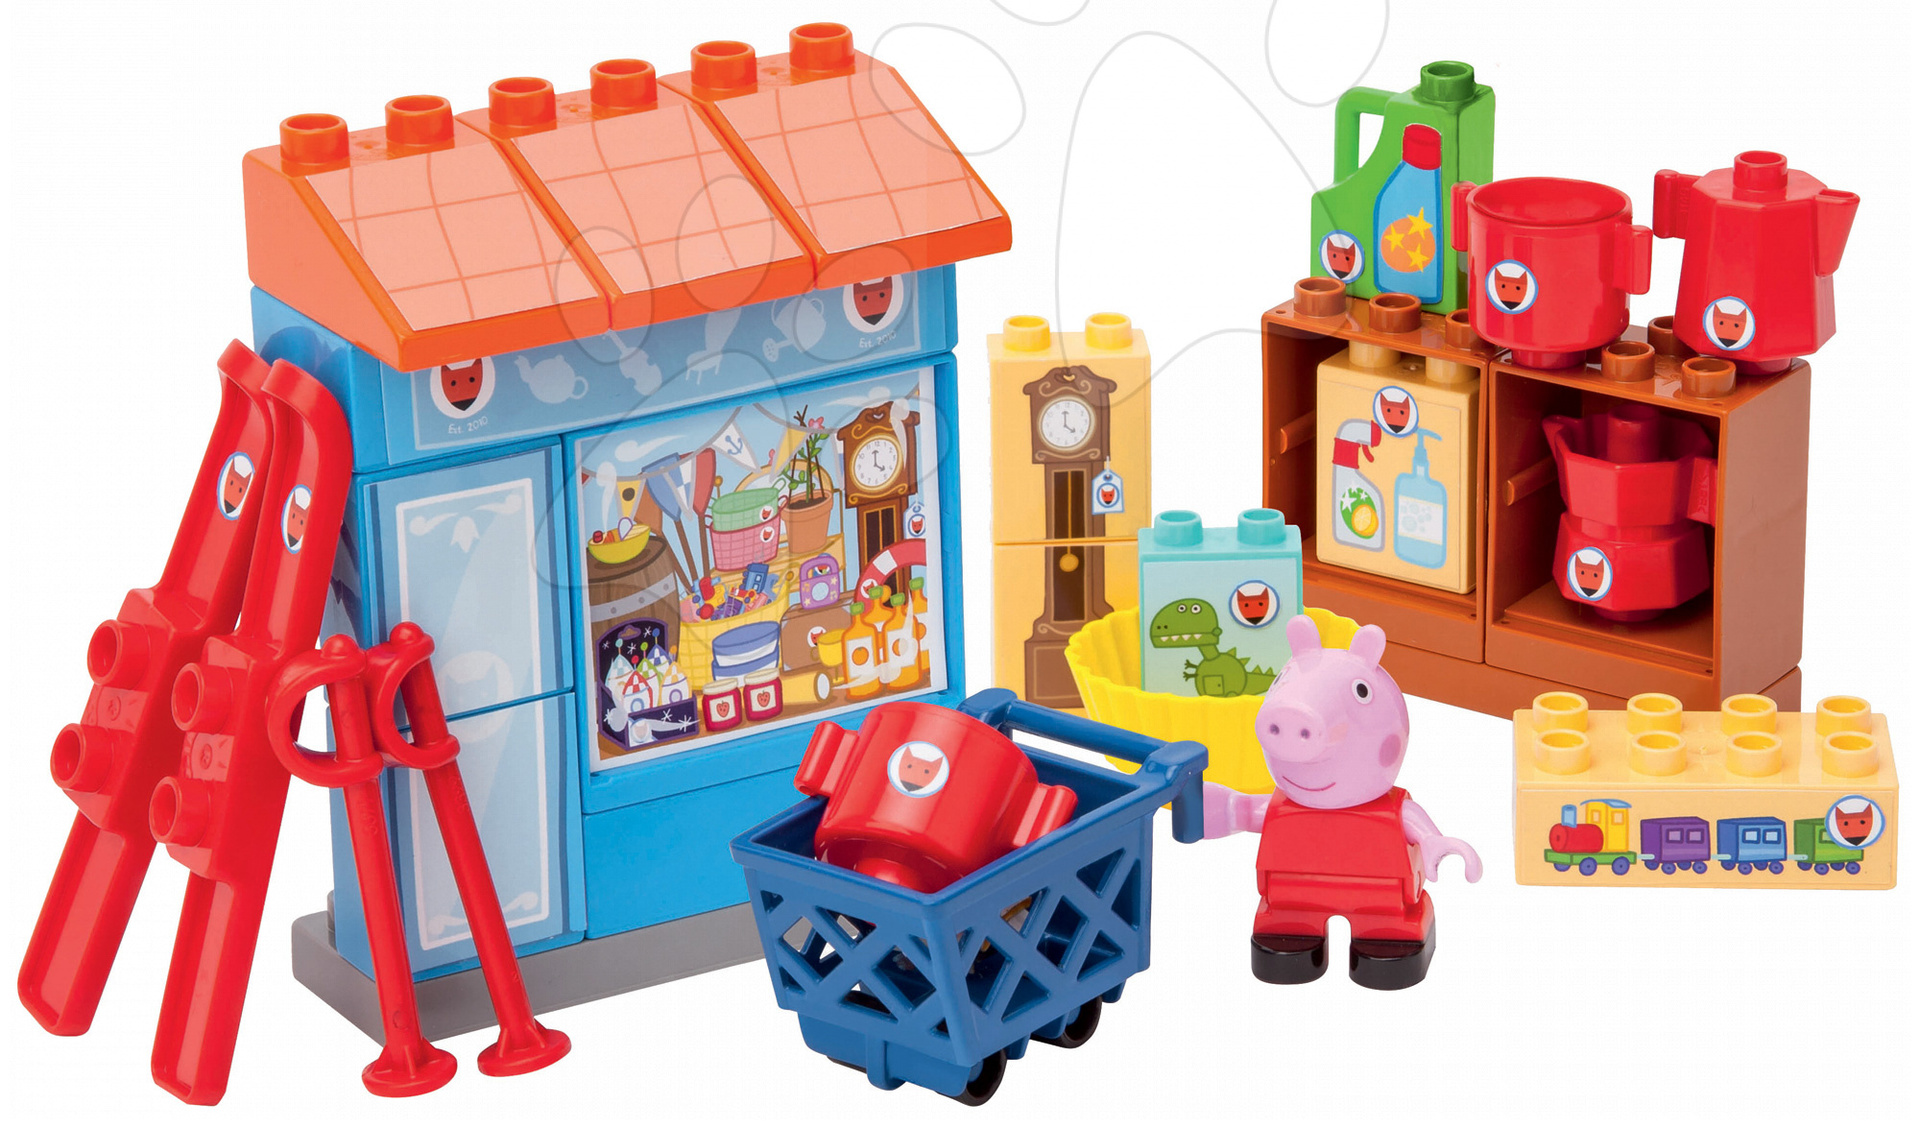 Stavebnica Peppa Pig v Mr. Fox obchode PlayBIG Bloxx BIG 29 dielov a 1 figúrka od 1,5-5 rokov